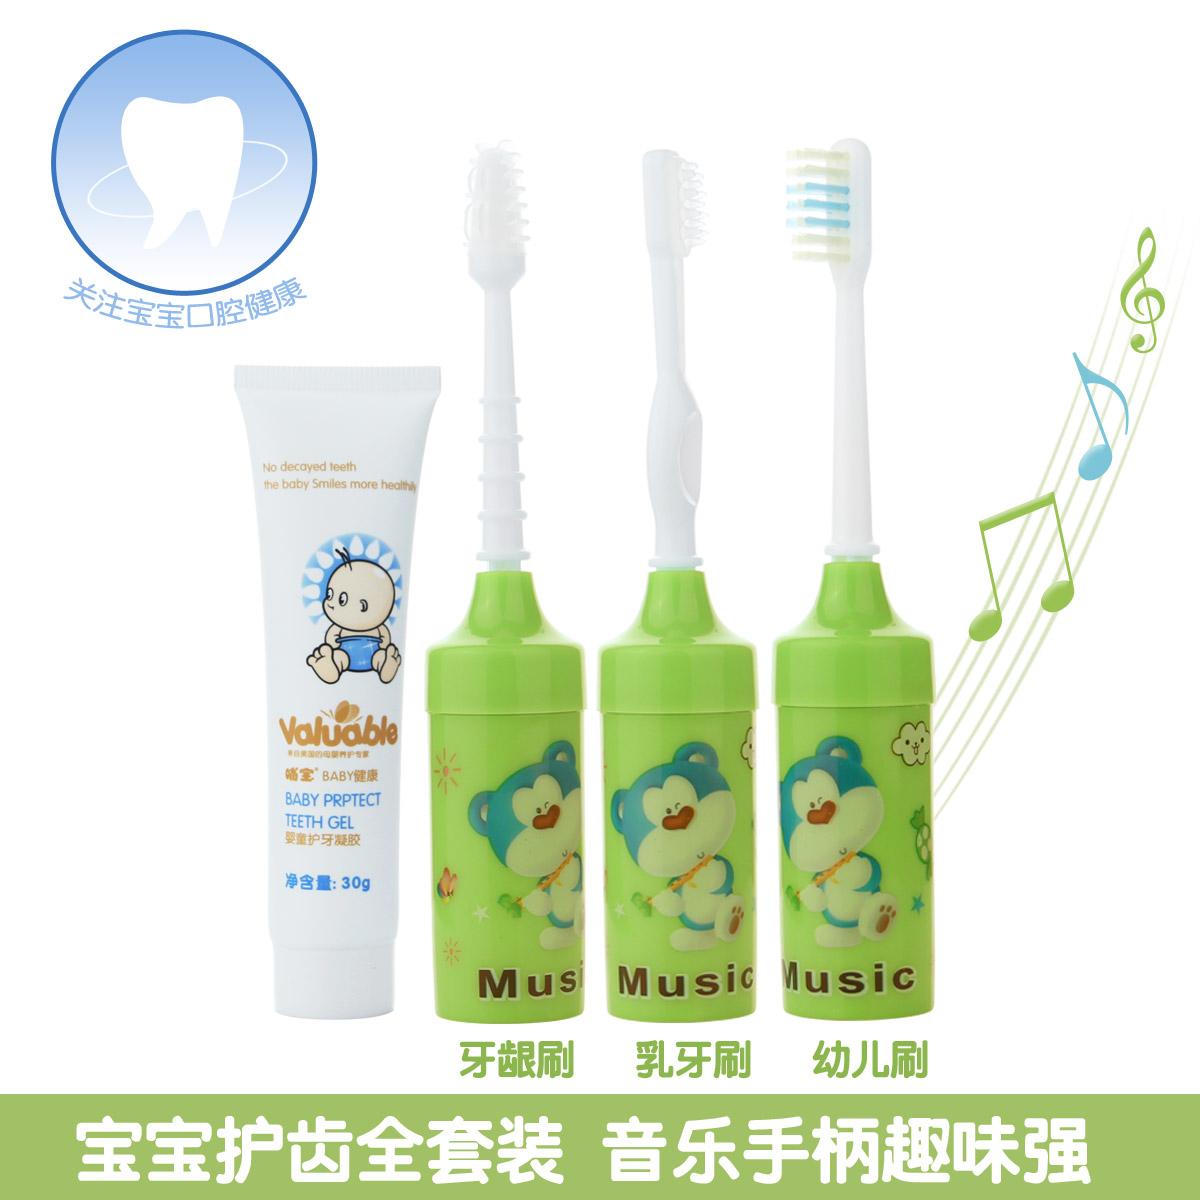 Điều dưỡng kho báu chính hãng bé âm nhạc bàn chải đánh răng trẻ em của fluoride-miễn phí kem đánh răng teether bốn mảnh bé mềm tóc bàn chải đánh răng